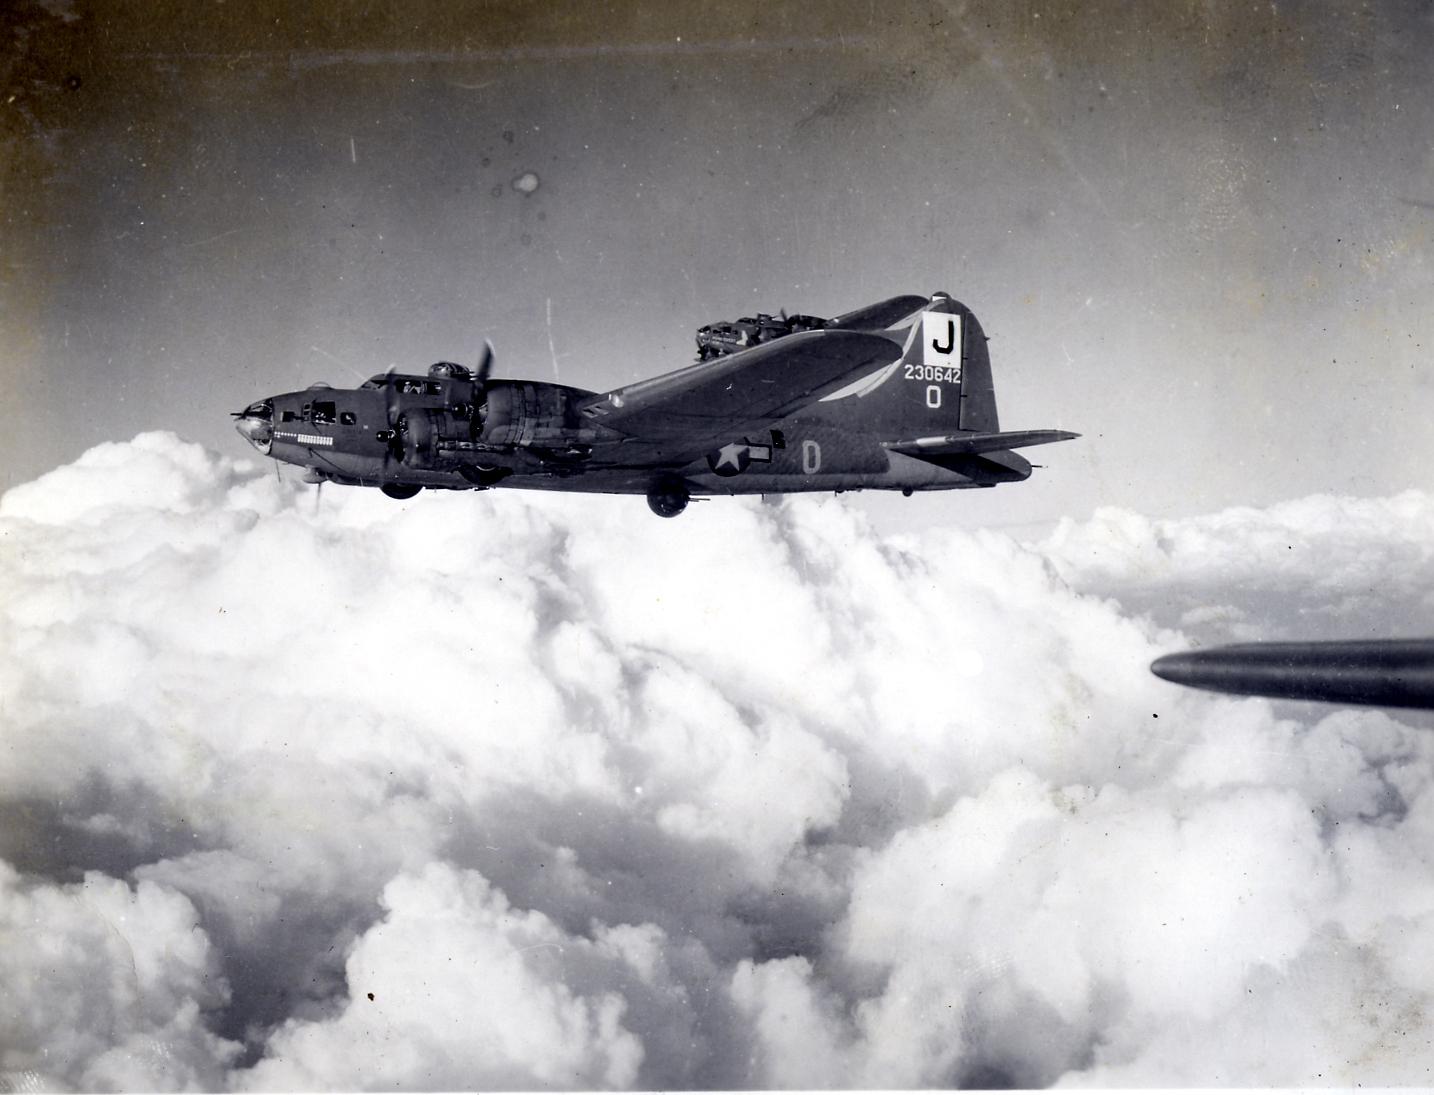 B-17 #42-30642 / Geronimo